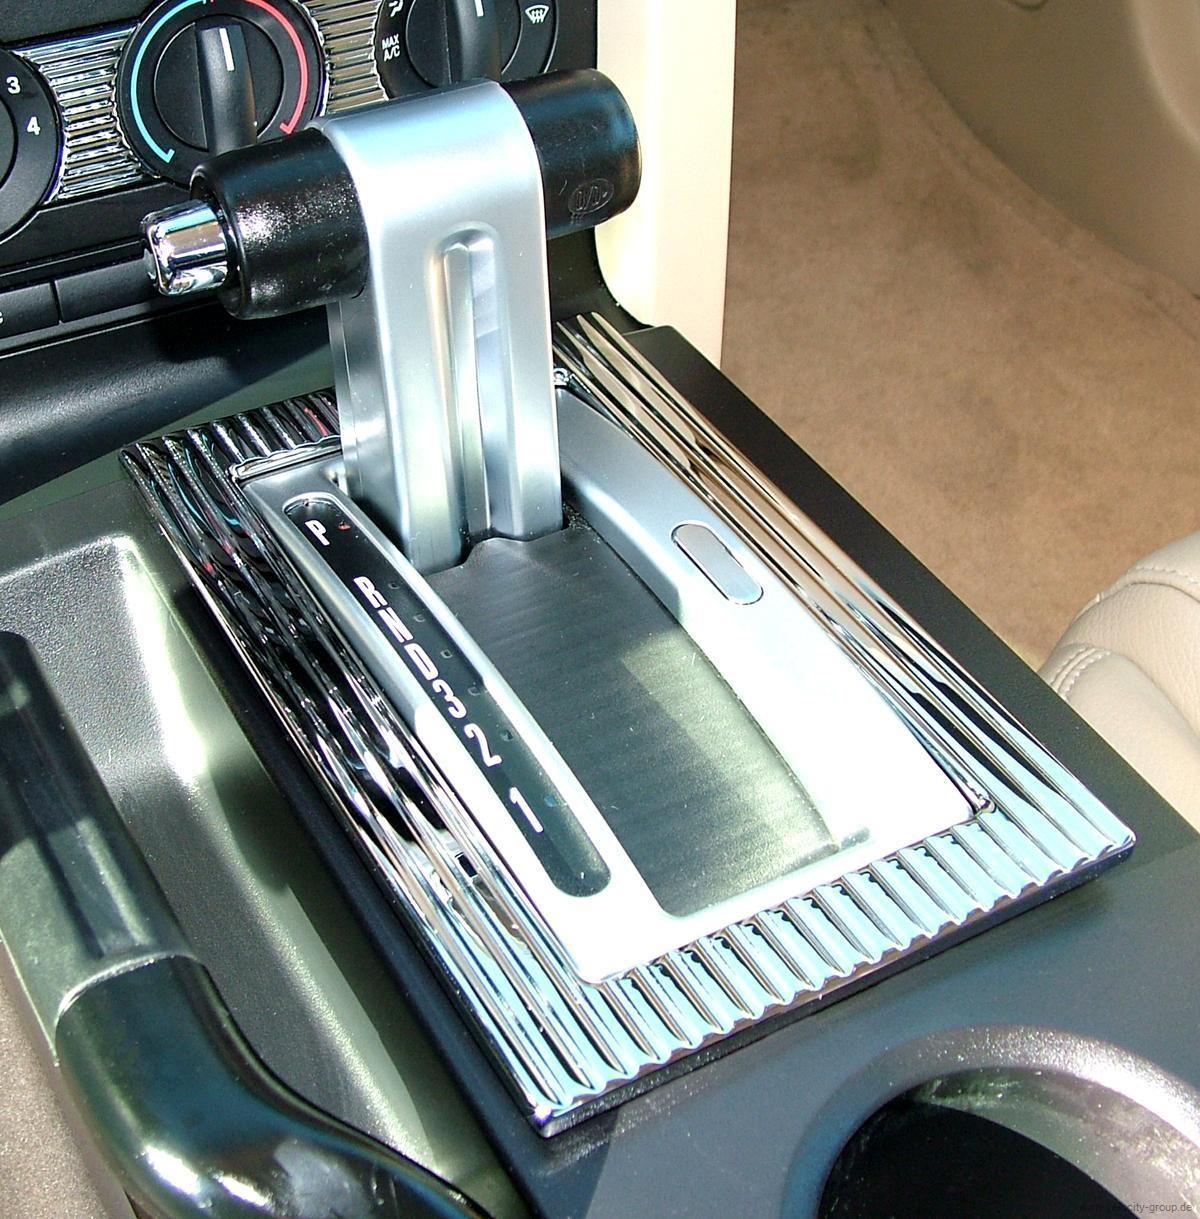 05-09 Ford Mustang Rahmen für Schaltkulisse Automatikgetriebe